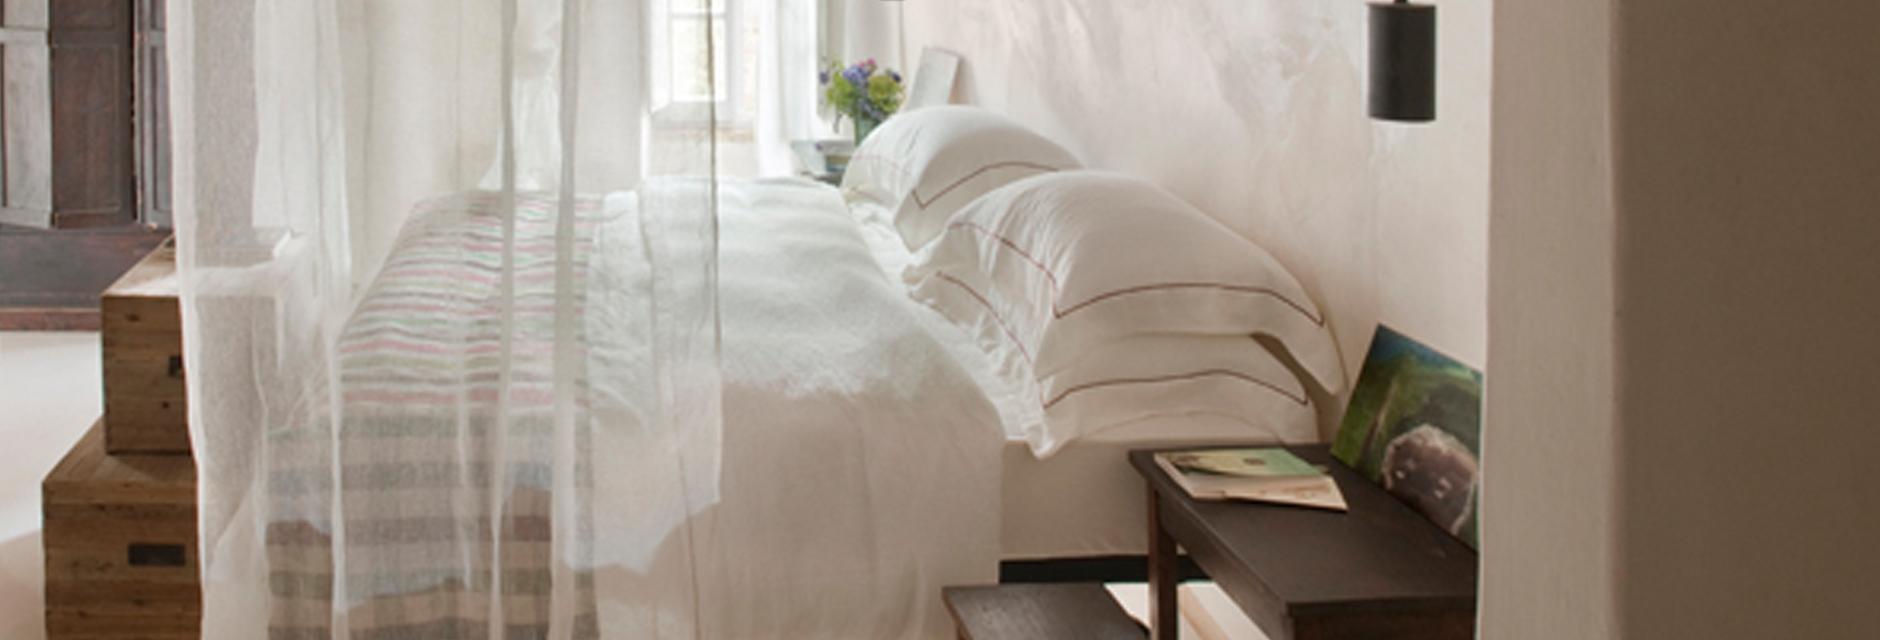 la pieve bed2